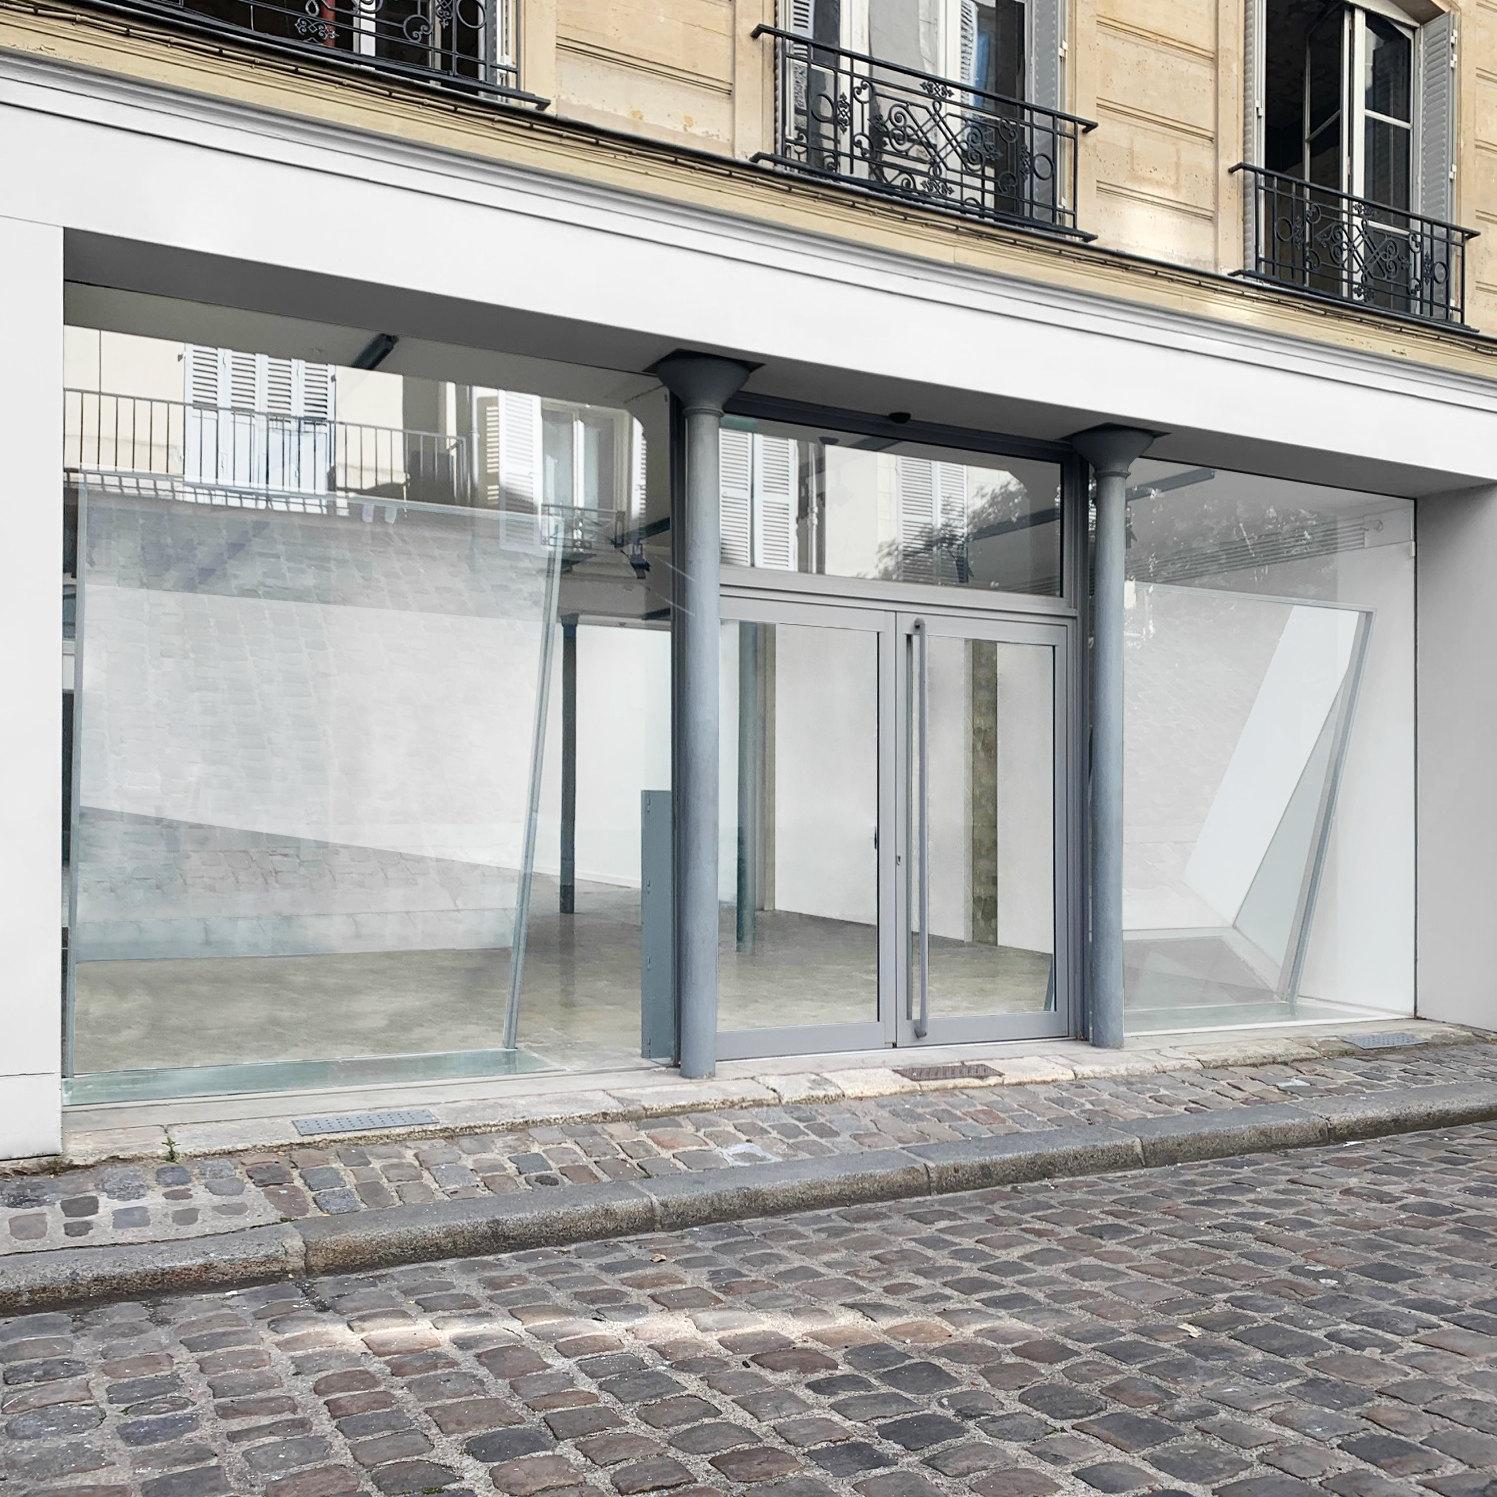 Günther Uecker: Lichtbogen @Lévy Gorvy, Paris  - GalleriesNow.net